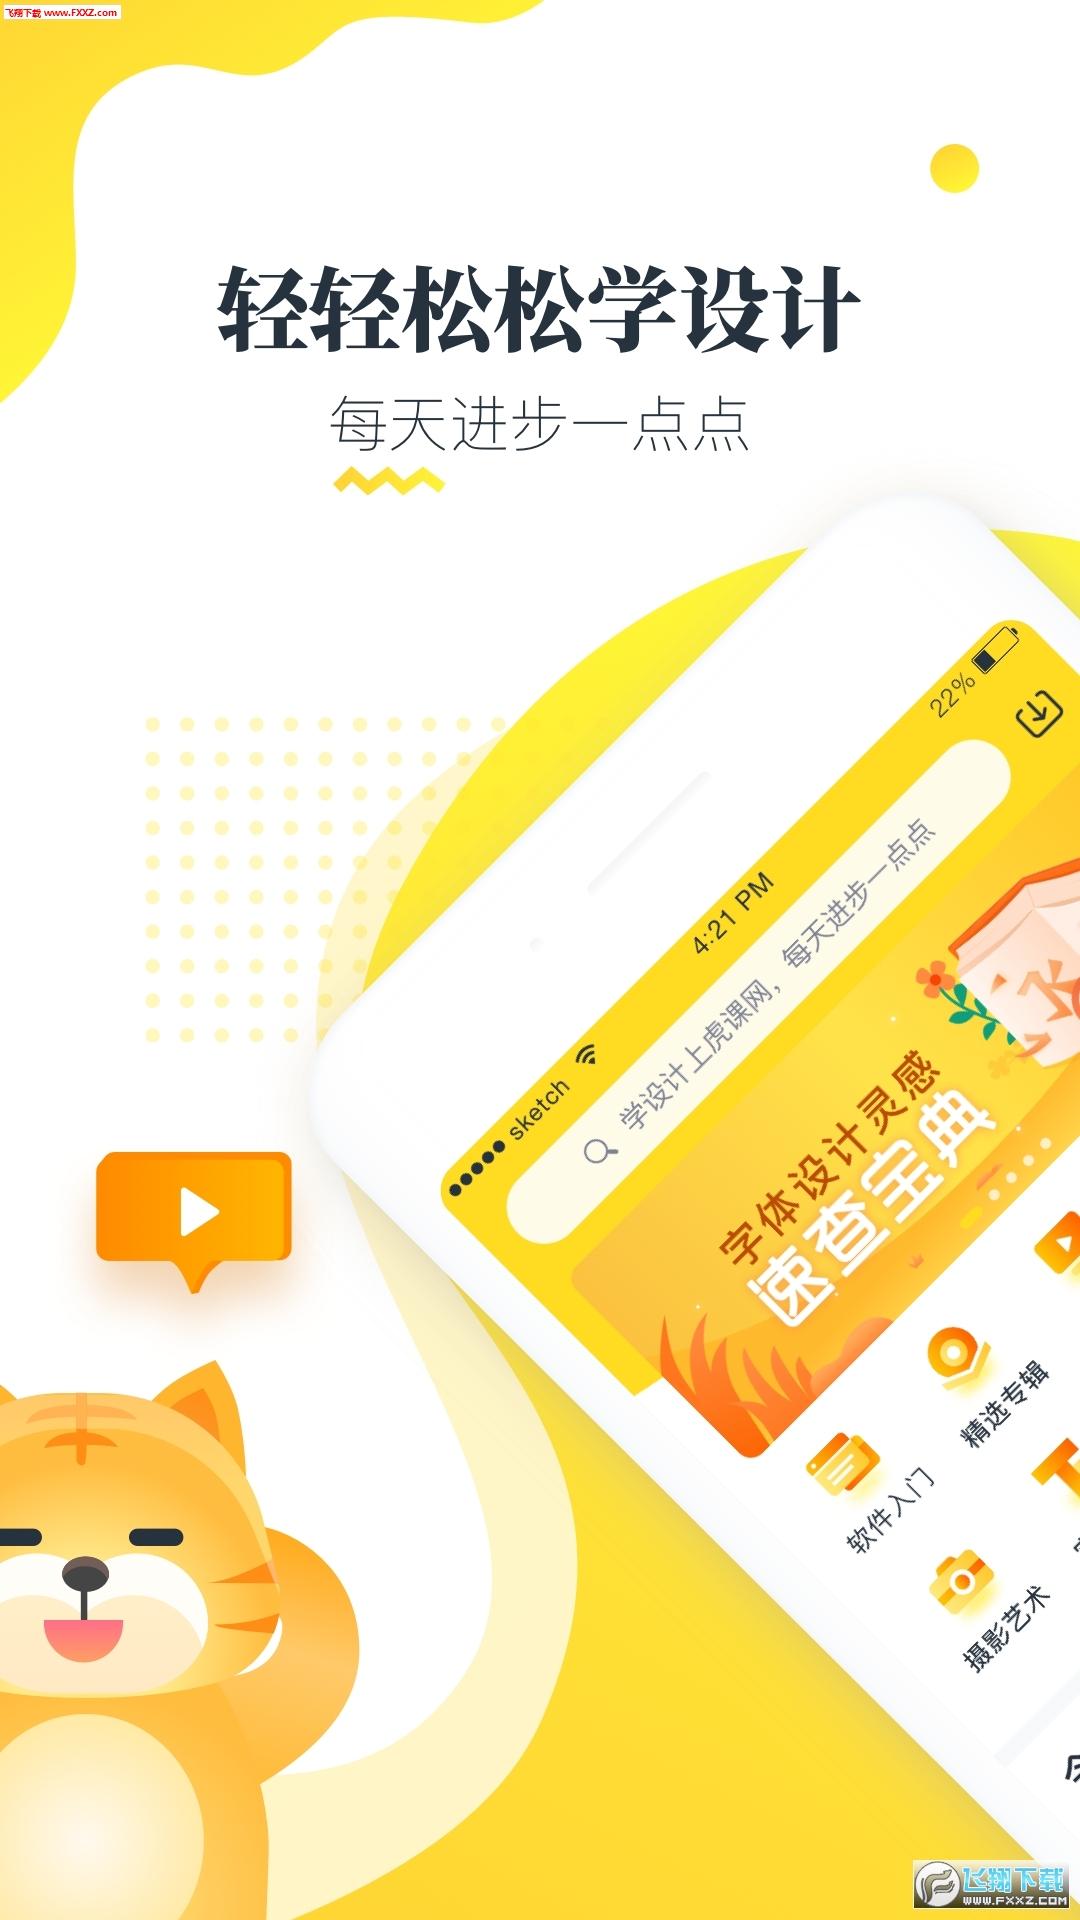 虎课网app安卓版2.16.0截图0